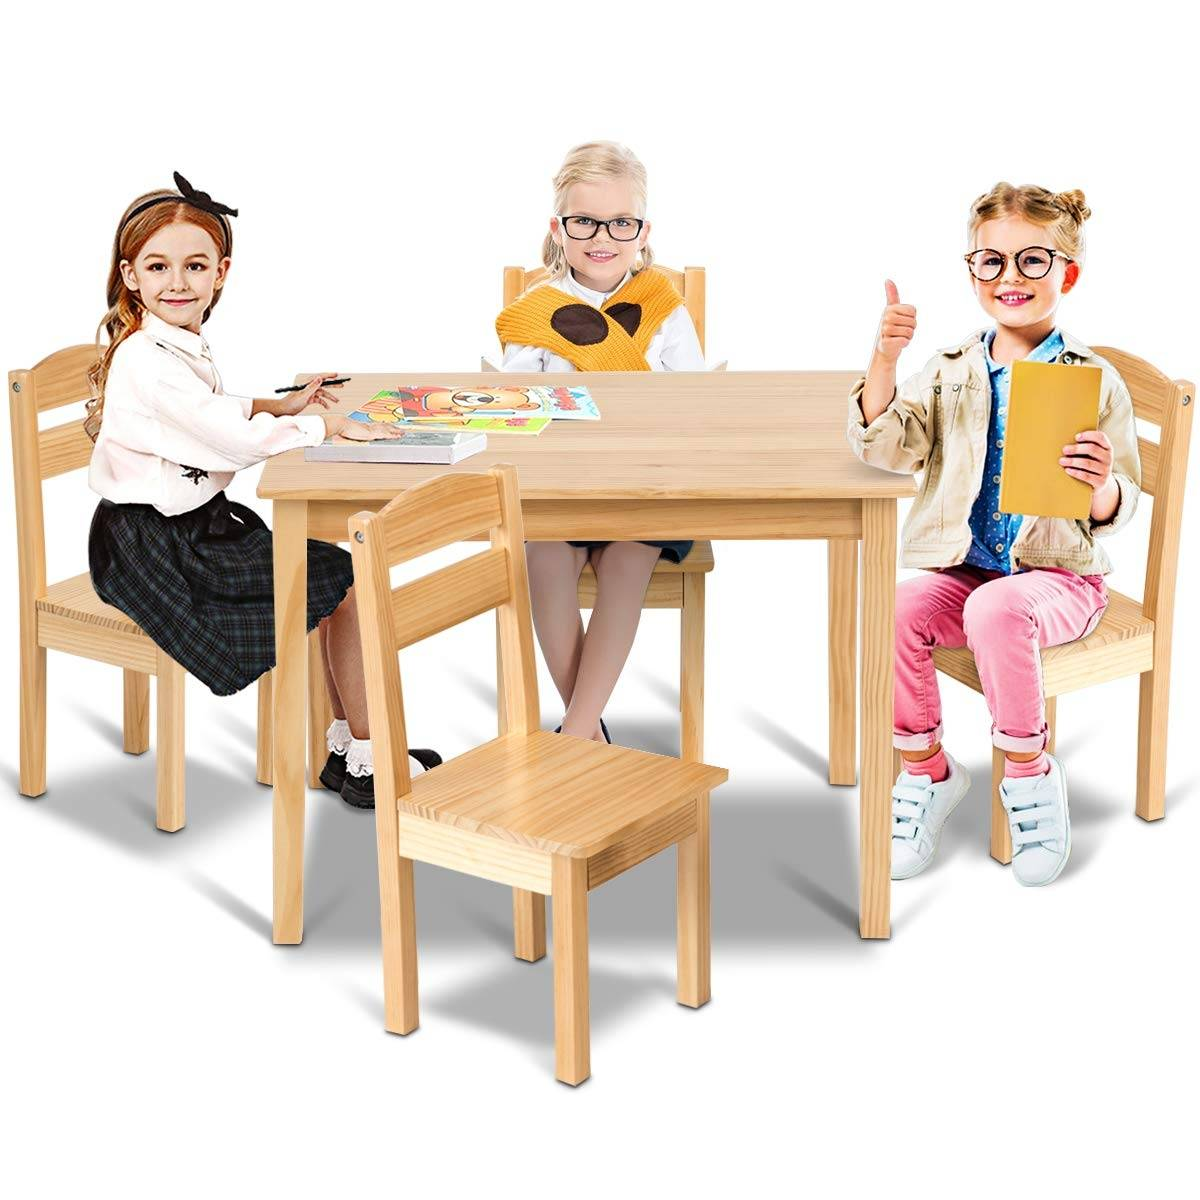 Costway Juego Mueble para Niños Mesa y 4 Sillas de Madera Escritorio para Infantil Dormitorio Sala de Juego Natural